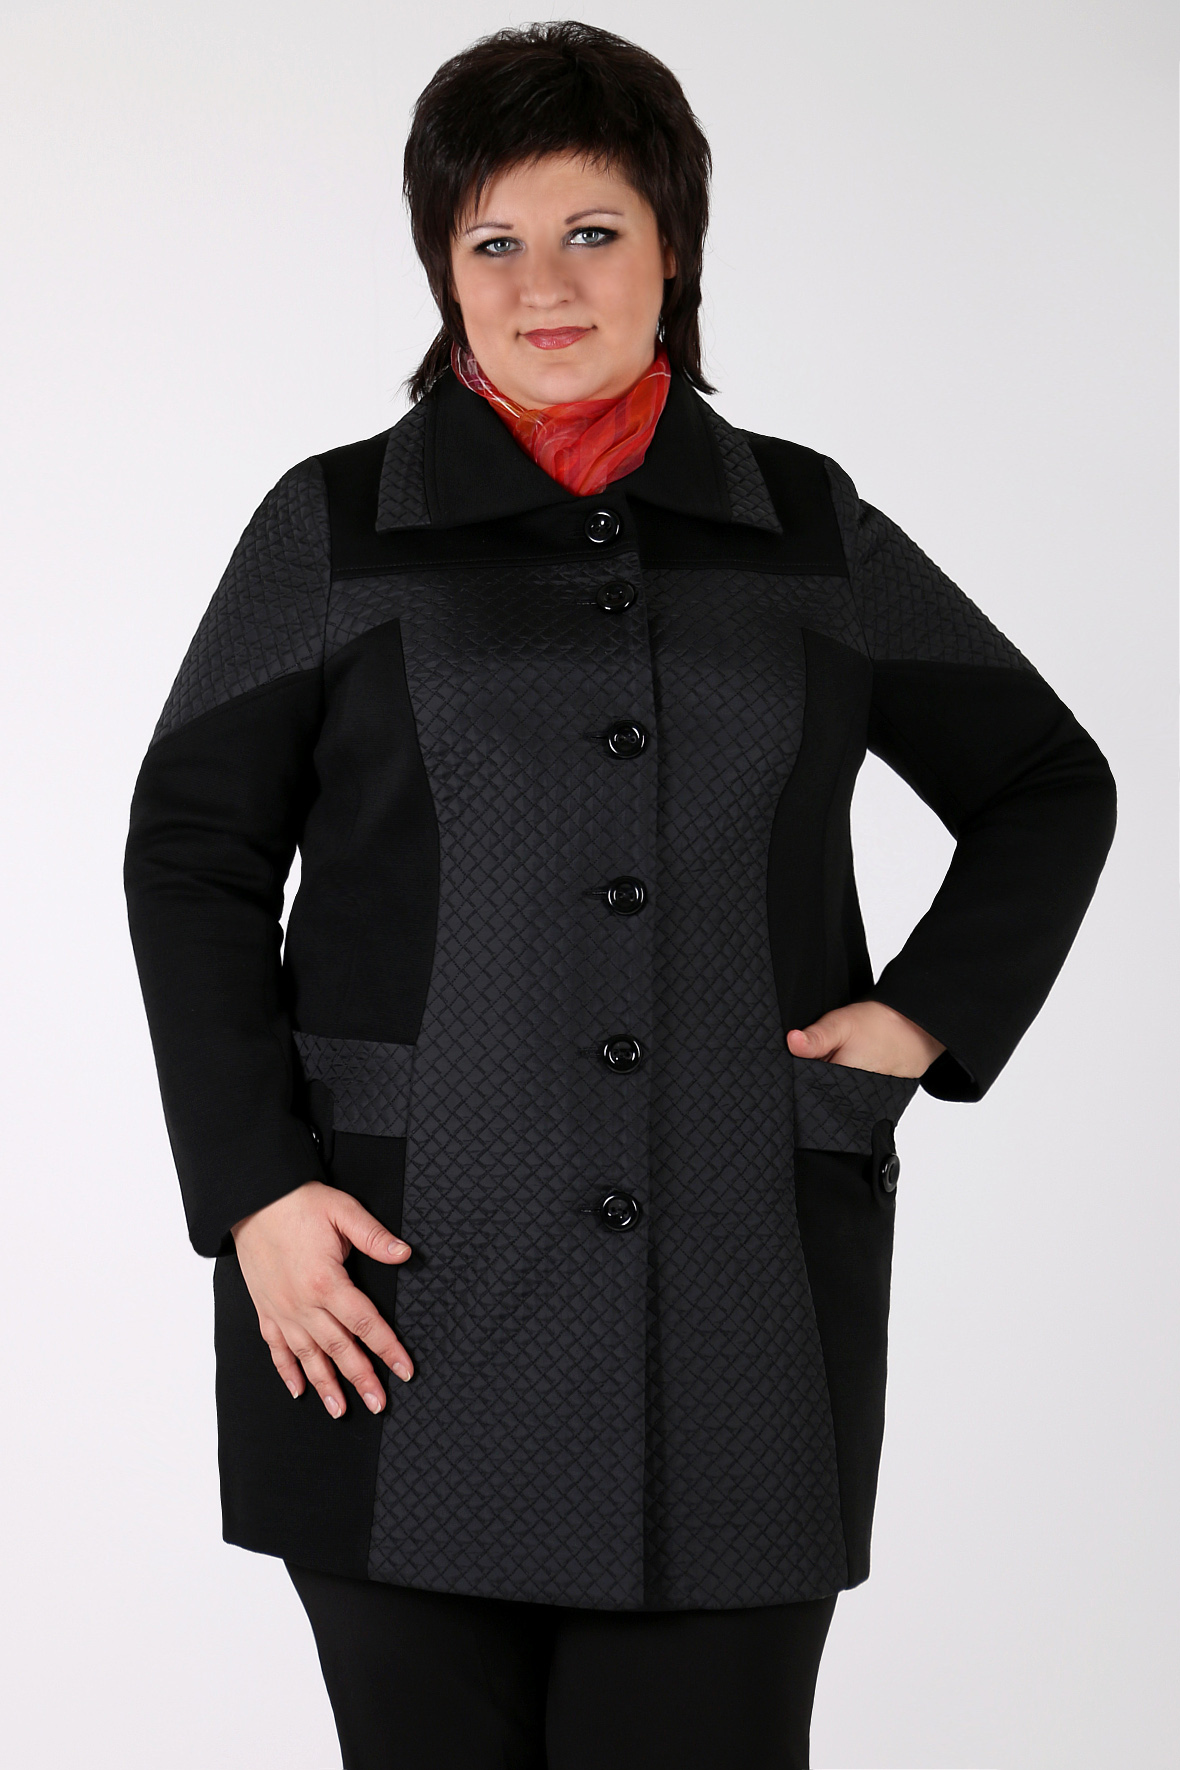 Женские пальто, куртки, ветровки и плащи больших размеров по выгодным ценам. Без рядов!